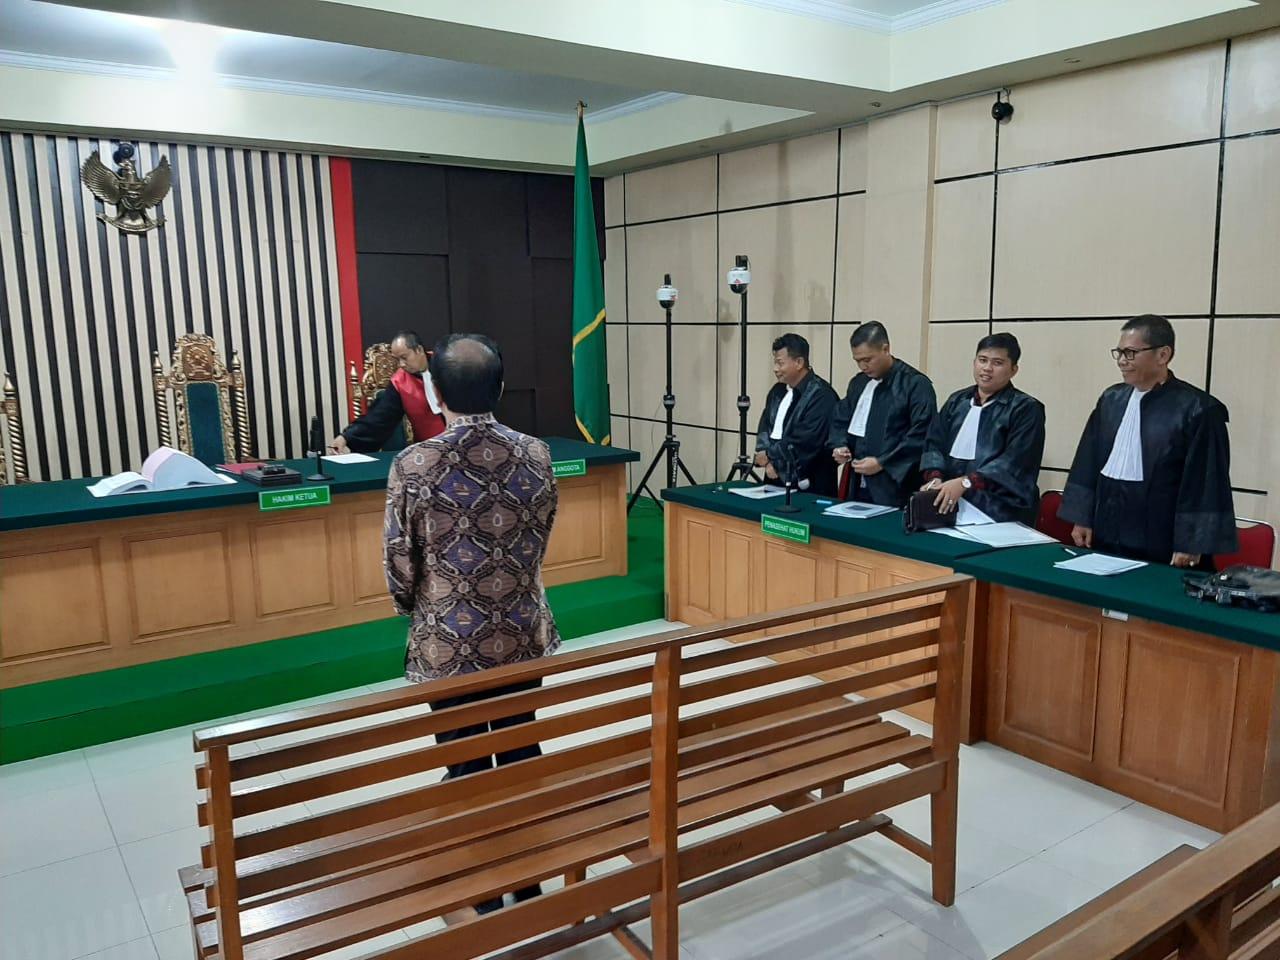 Konglomerat Jeo Fandy Yoesman ketika menjalani sidang perdana di Pengadilan Tipikor Jambi